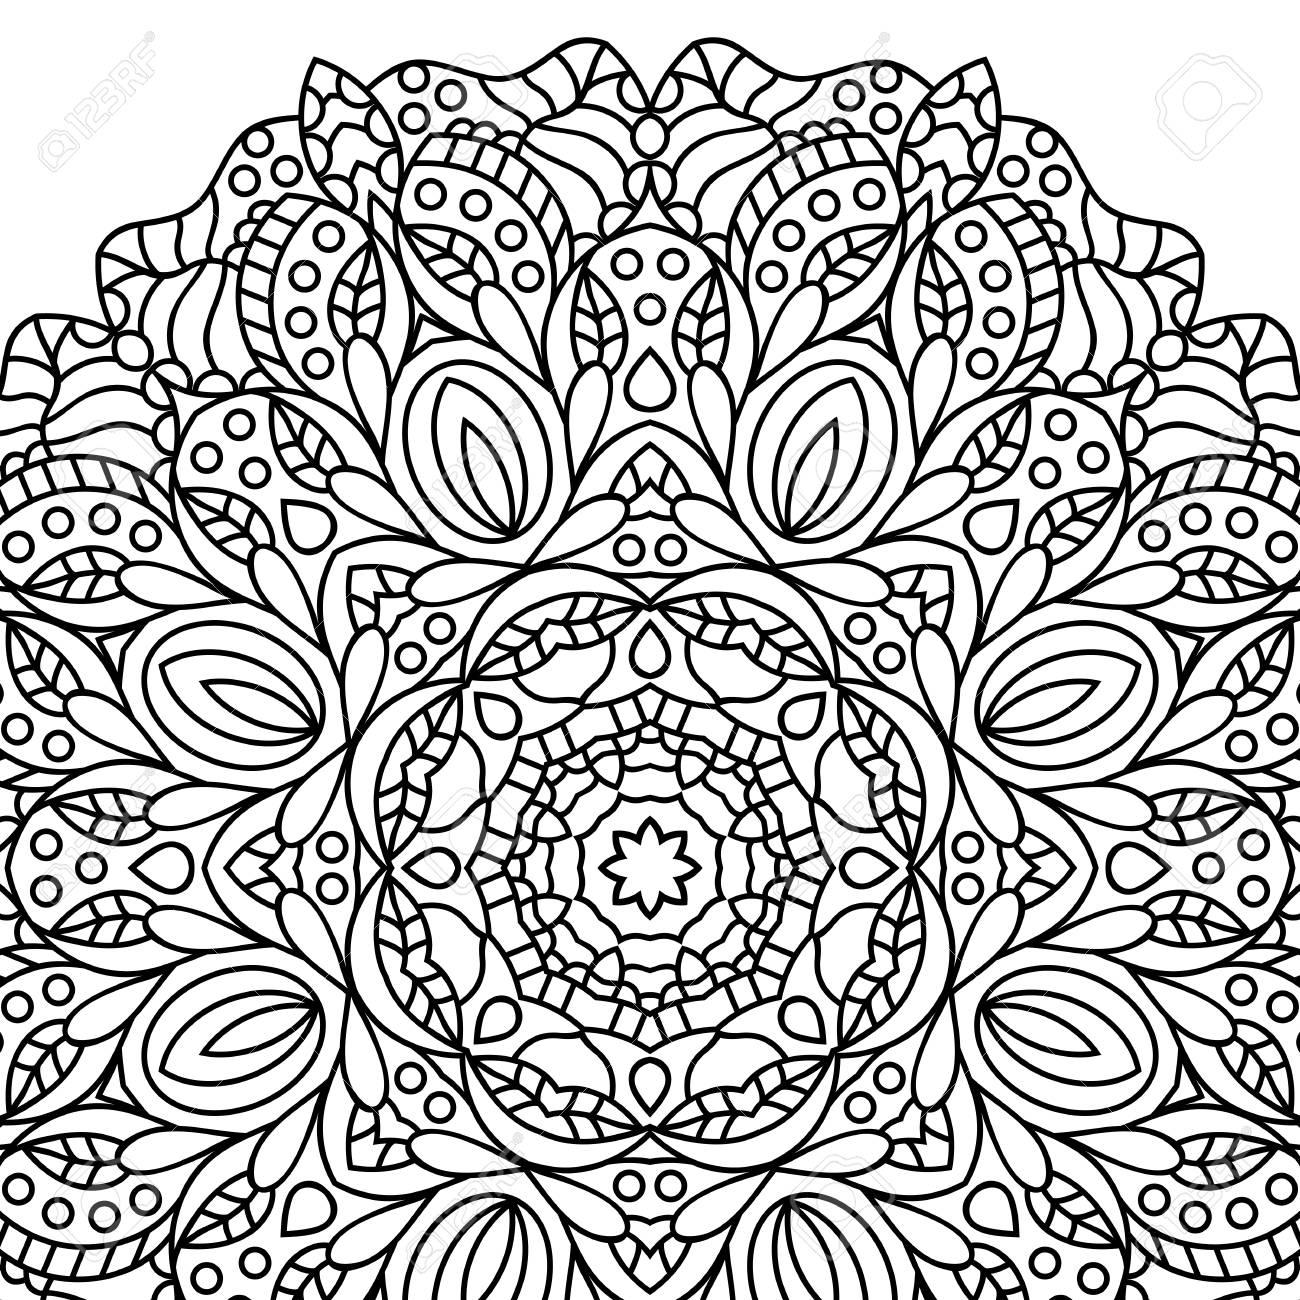 Páginas Para Colorear. Mandala. Medallón Antiestrés Indio. Flor ...